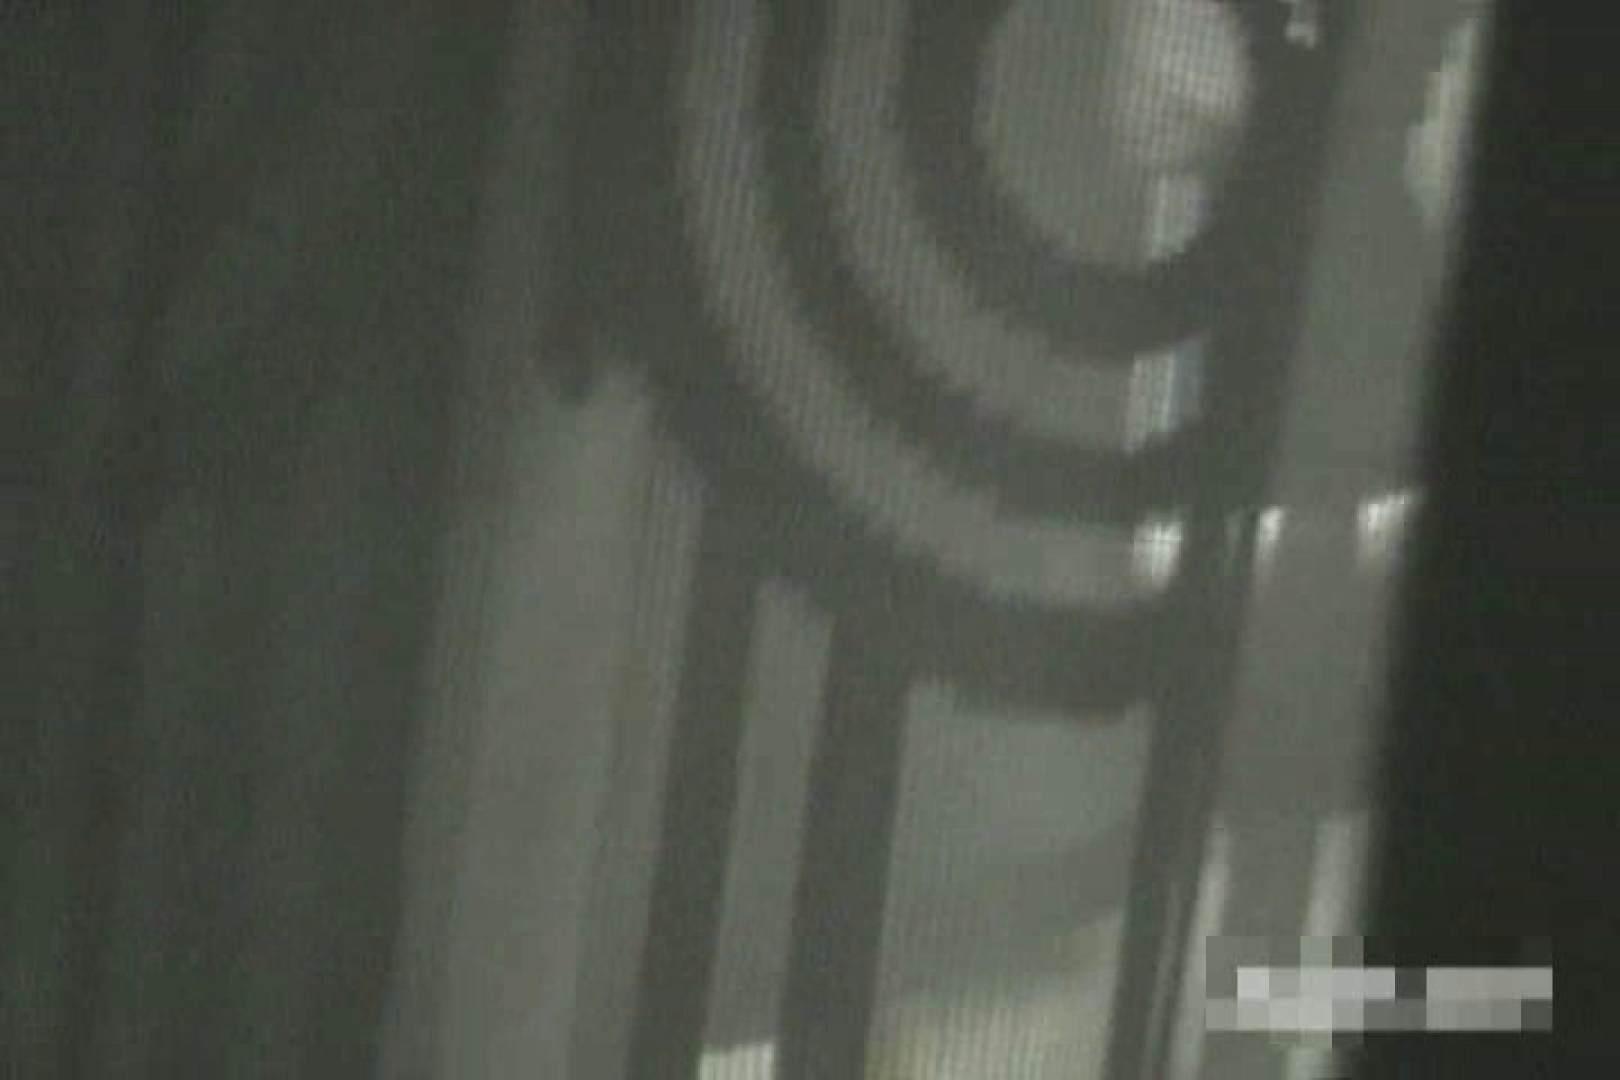 激撮ストーカー記録あなたのお宅拝見しますVol.5 ハプニング  92PIX 64